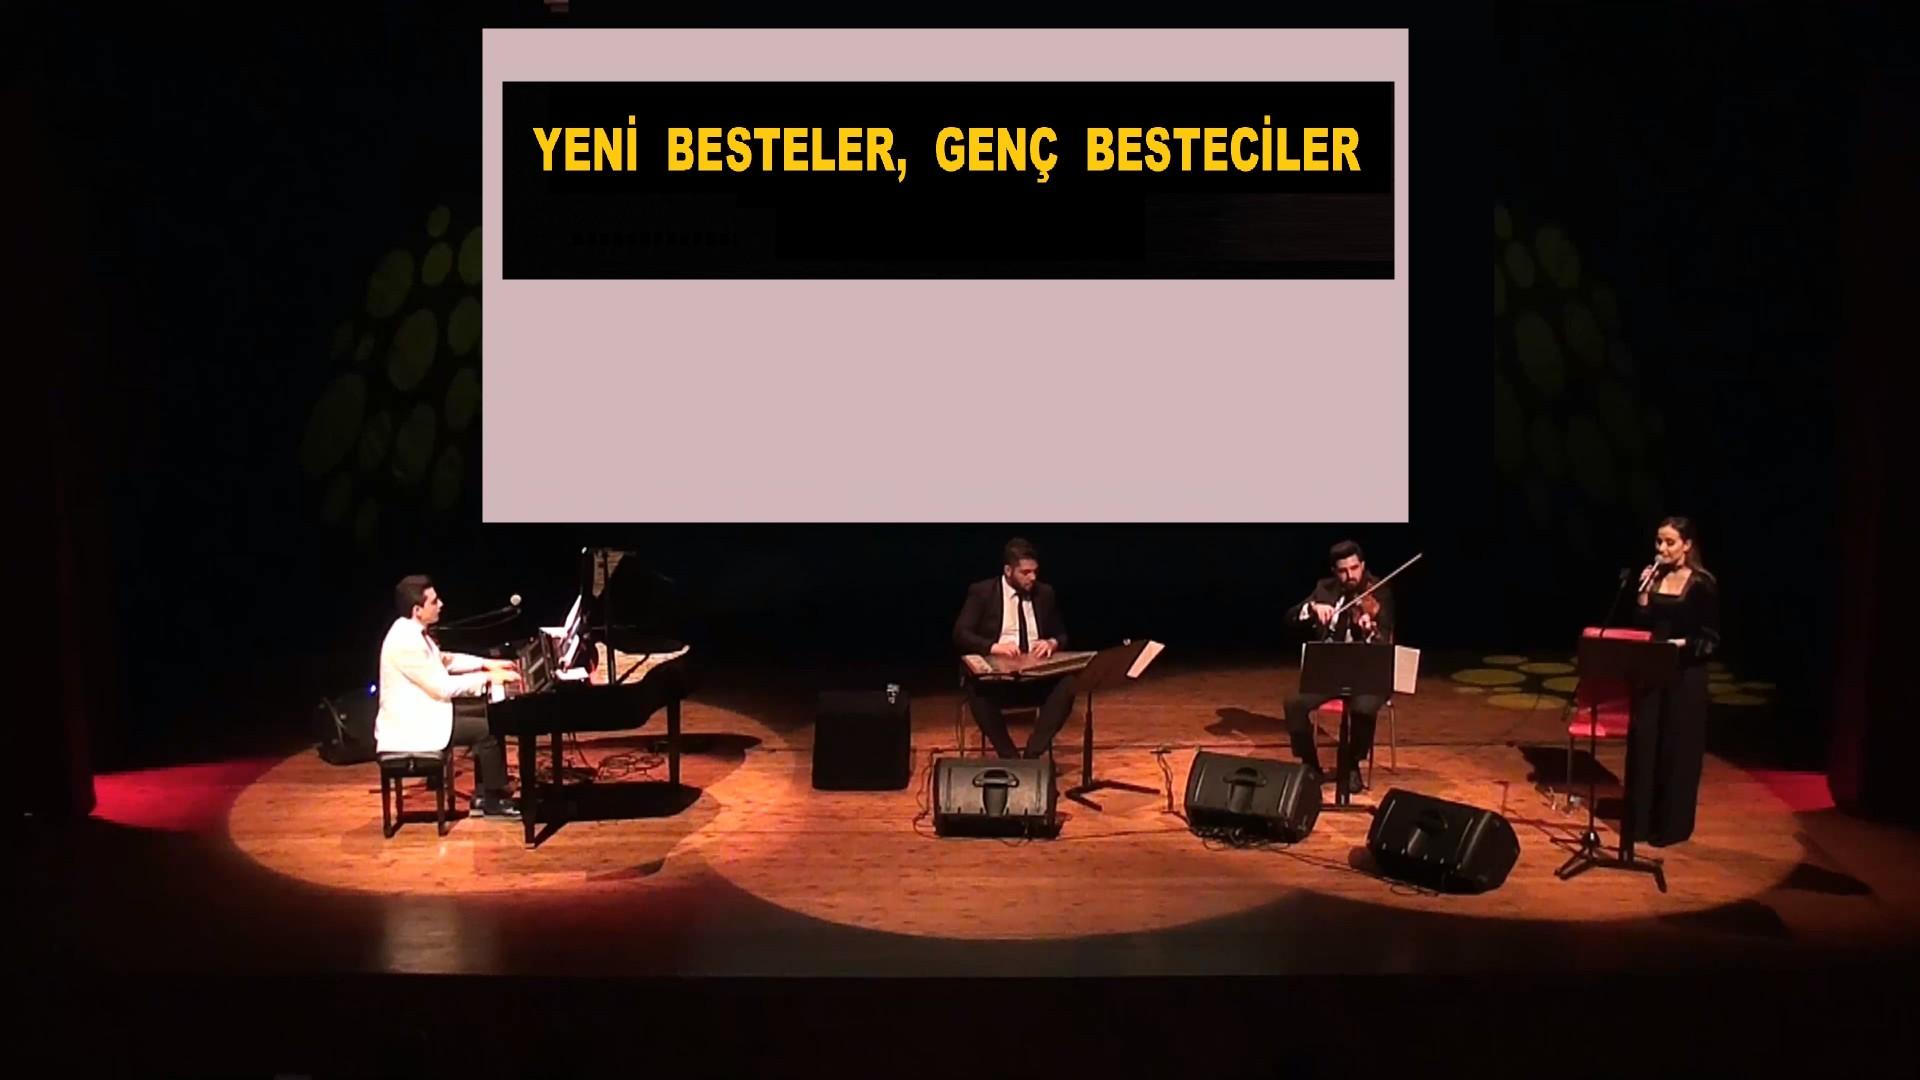 Aşık Olmadan Kaç Kaç Beste Genç Besteci Güneş Yakartepe Bestekar En Güzel Müzik Kompozitör Kompozisyon Son Besteciler En Yeni Şarkı Konser 2020 New Young Composer